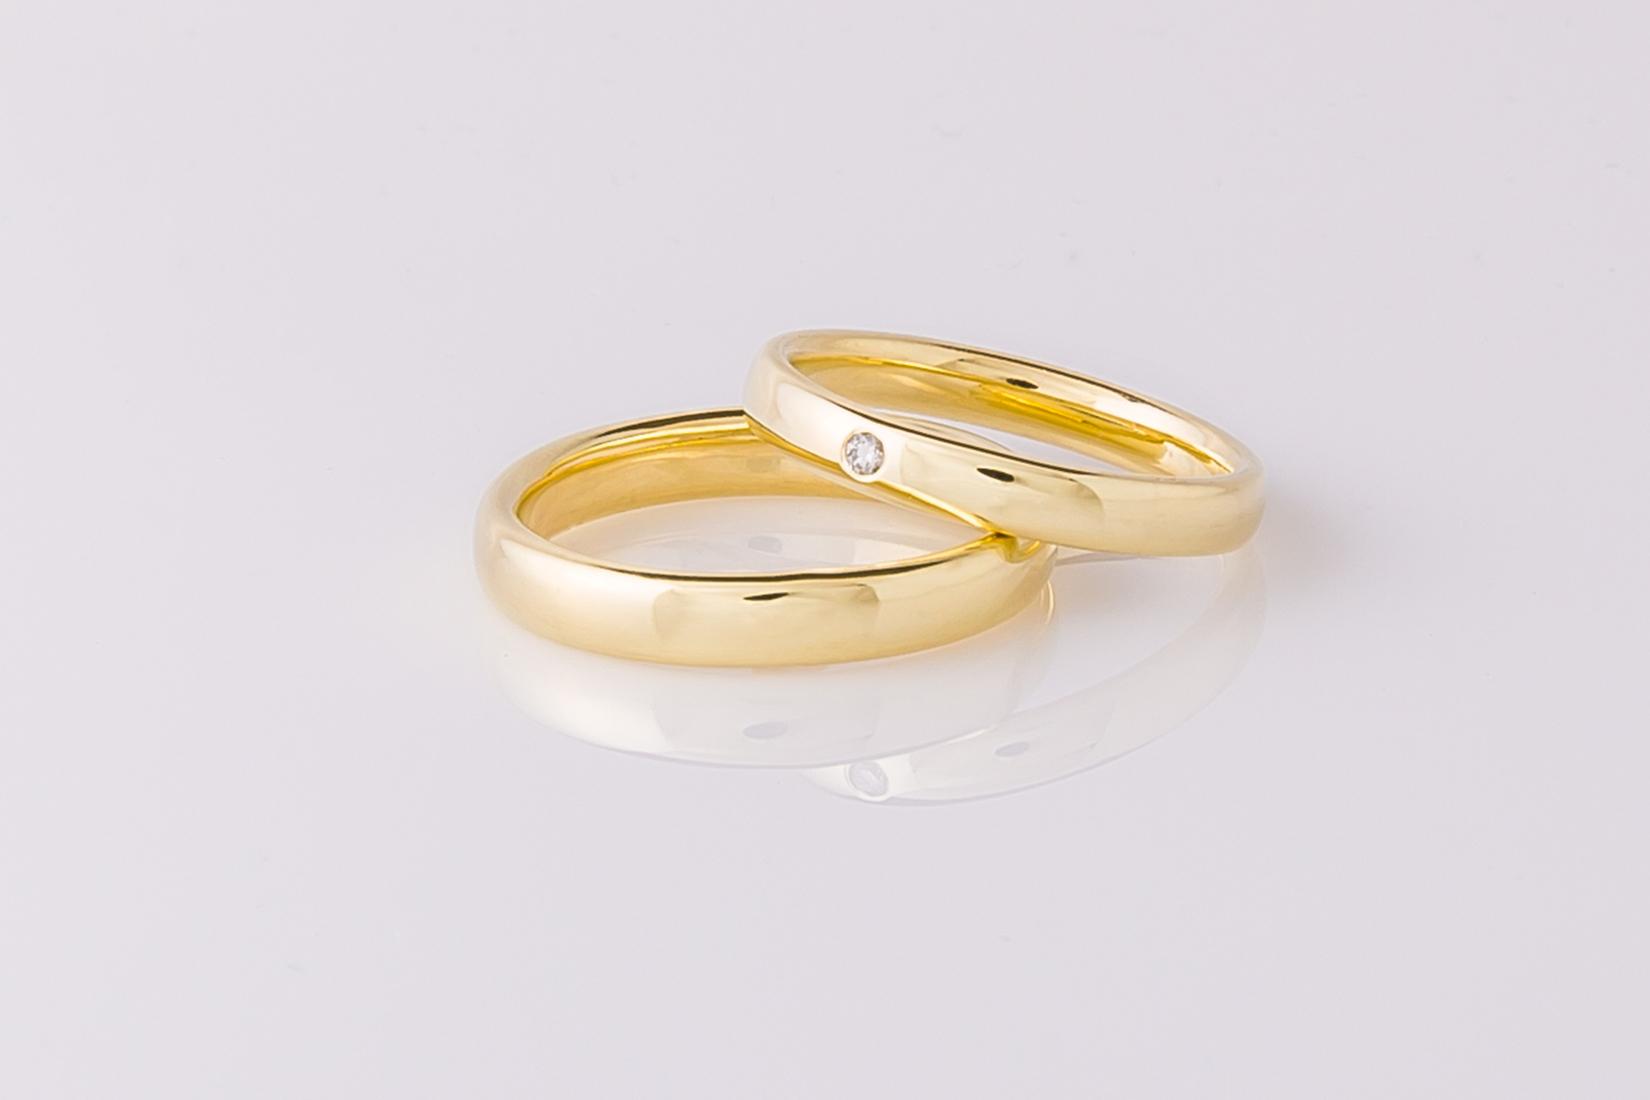 goudmerk-ring-trouwen-geel-goud-hoogglans-edelsteen-briljant